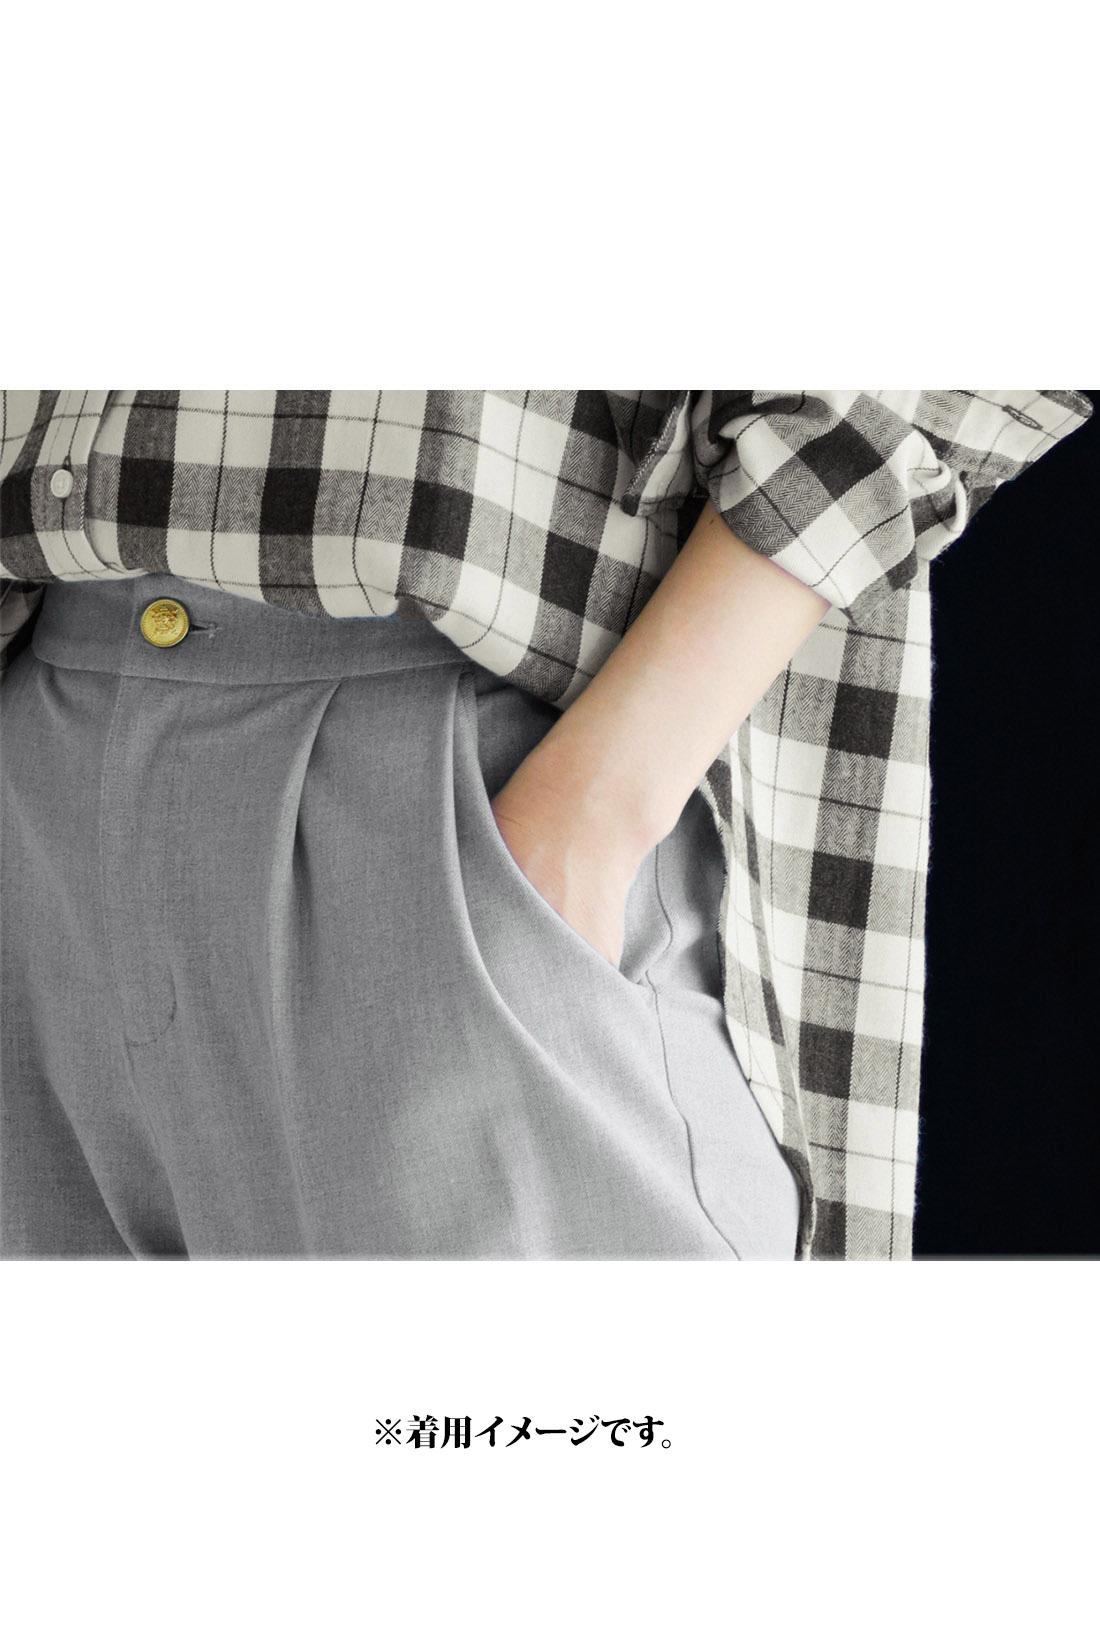 腰まわりのダブルタックとスッキリ見えるテーパードラインが品よくあかぬけた印象。